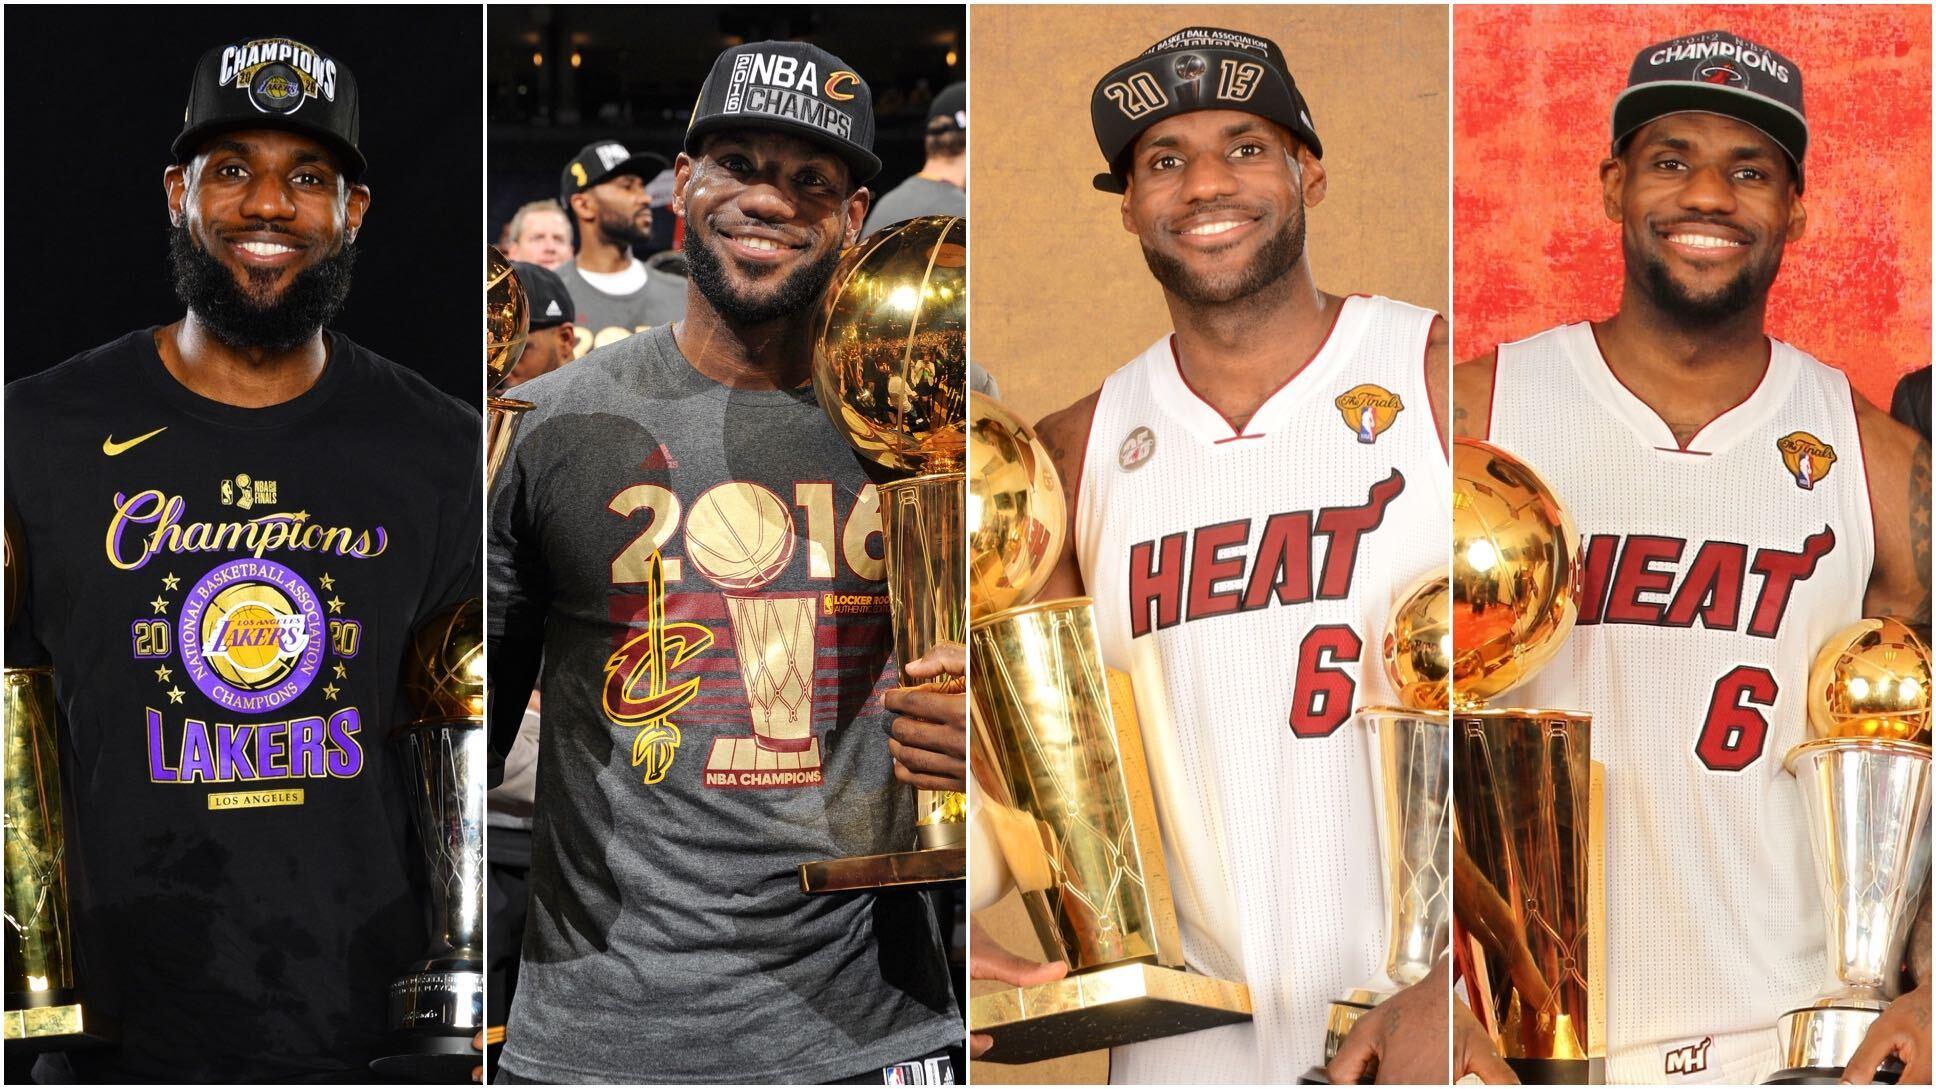 NBA官推发布詹姆斯生涯夺冠定妆照:4届冠军詹姆斯